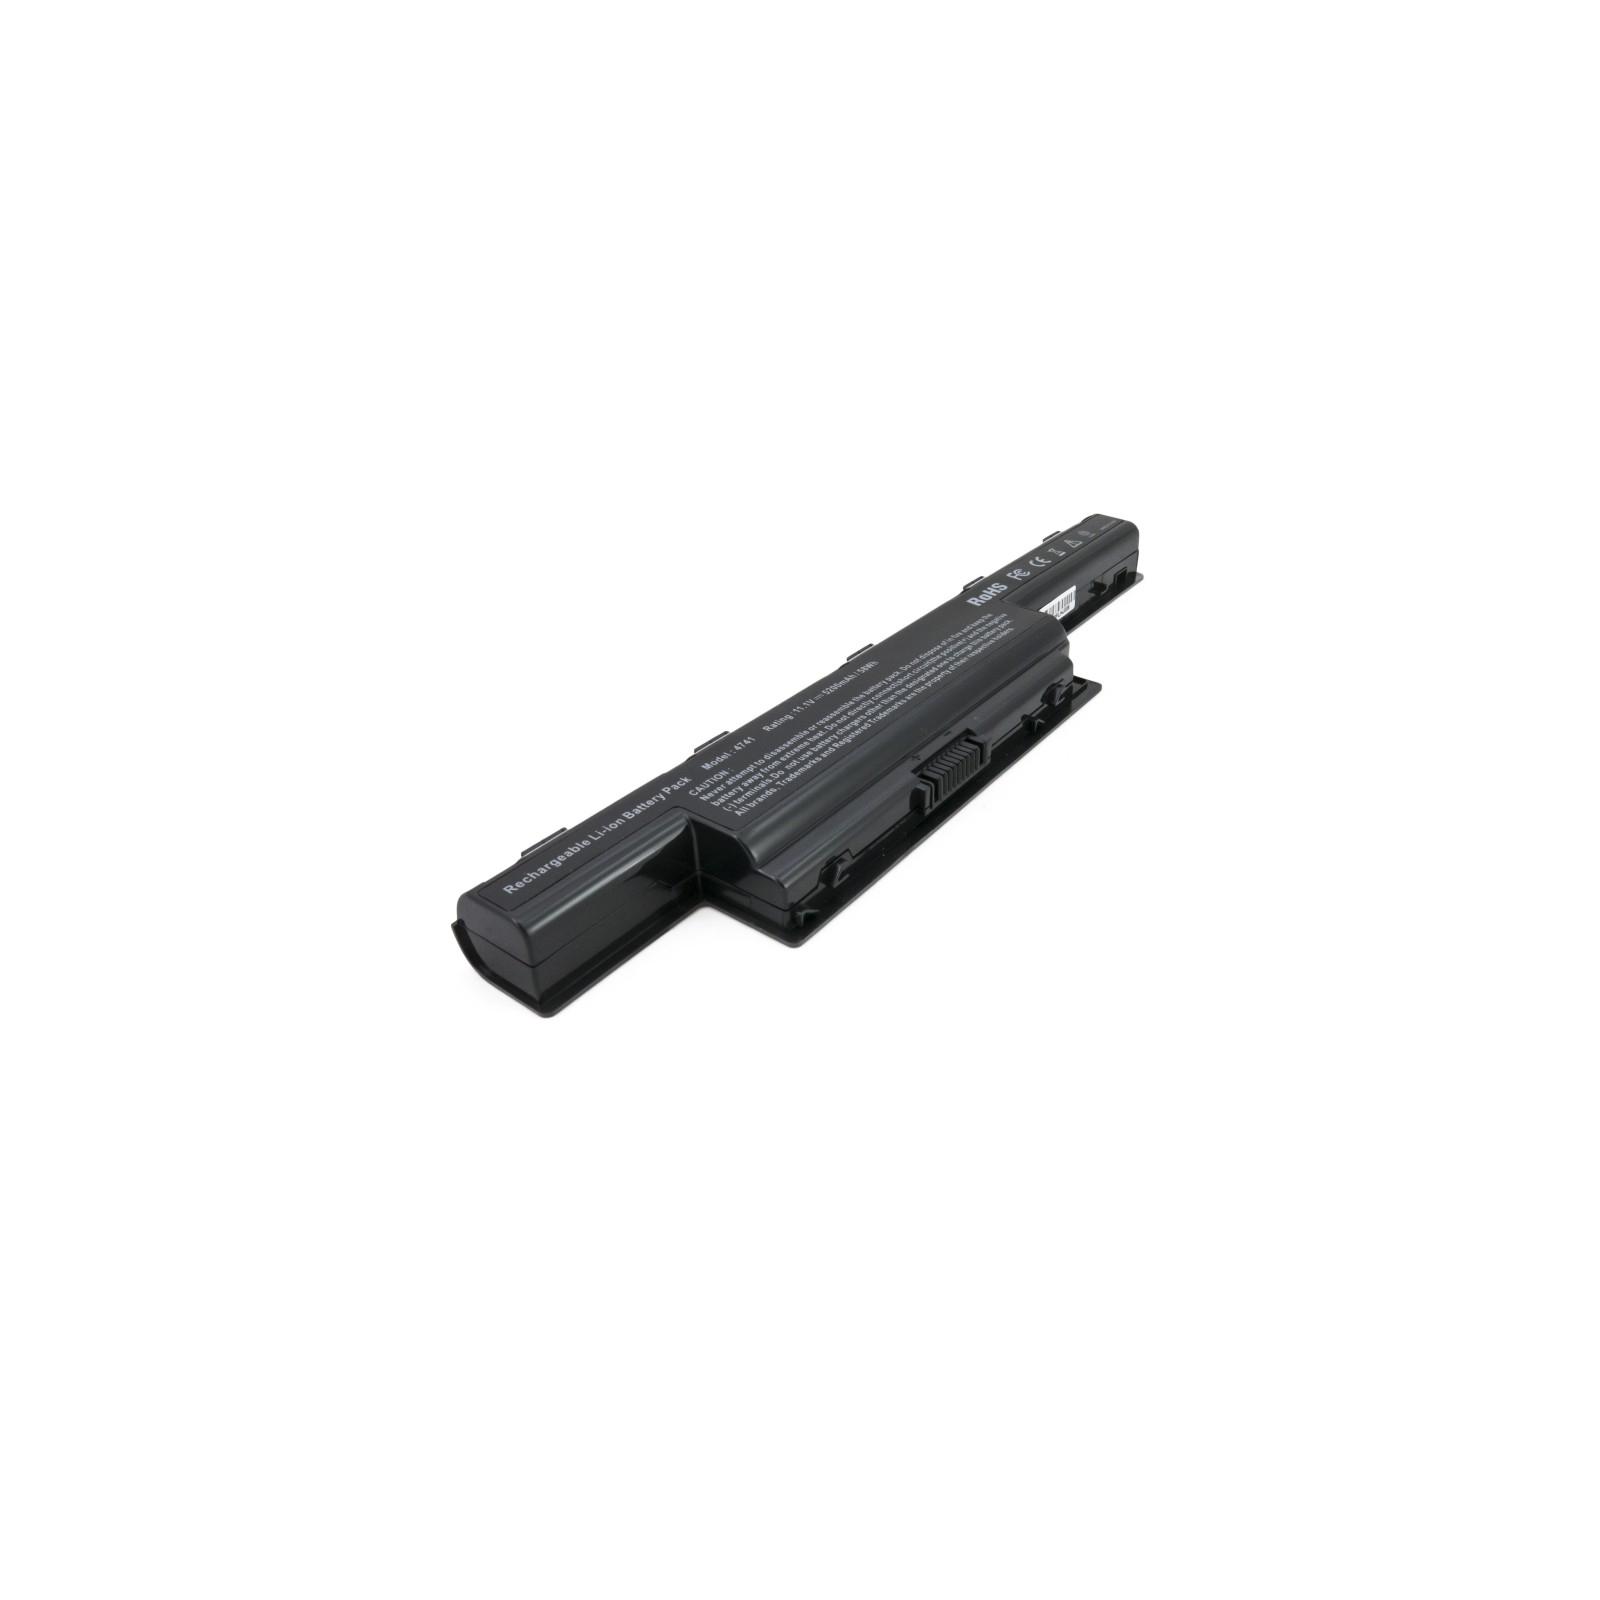 Аккумулятор для ноутбука Acer Aspire 4741 (AS10D41) 5200 mAh EXTRADIGITAL (BNA3908) изображение 2